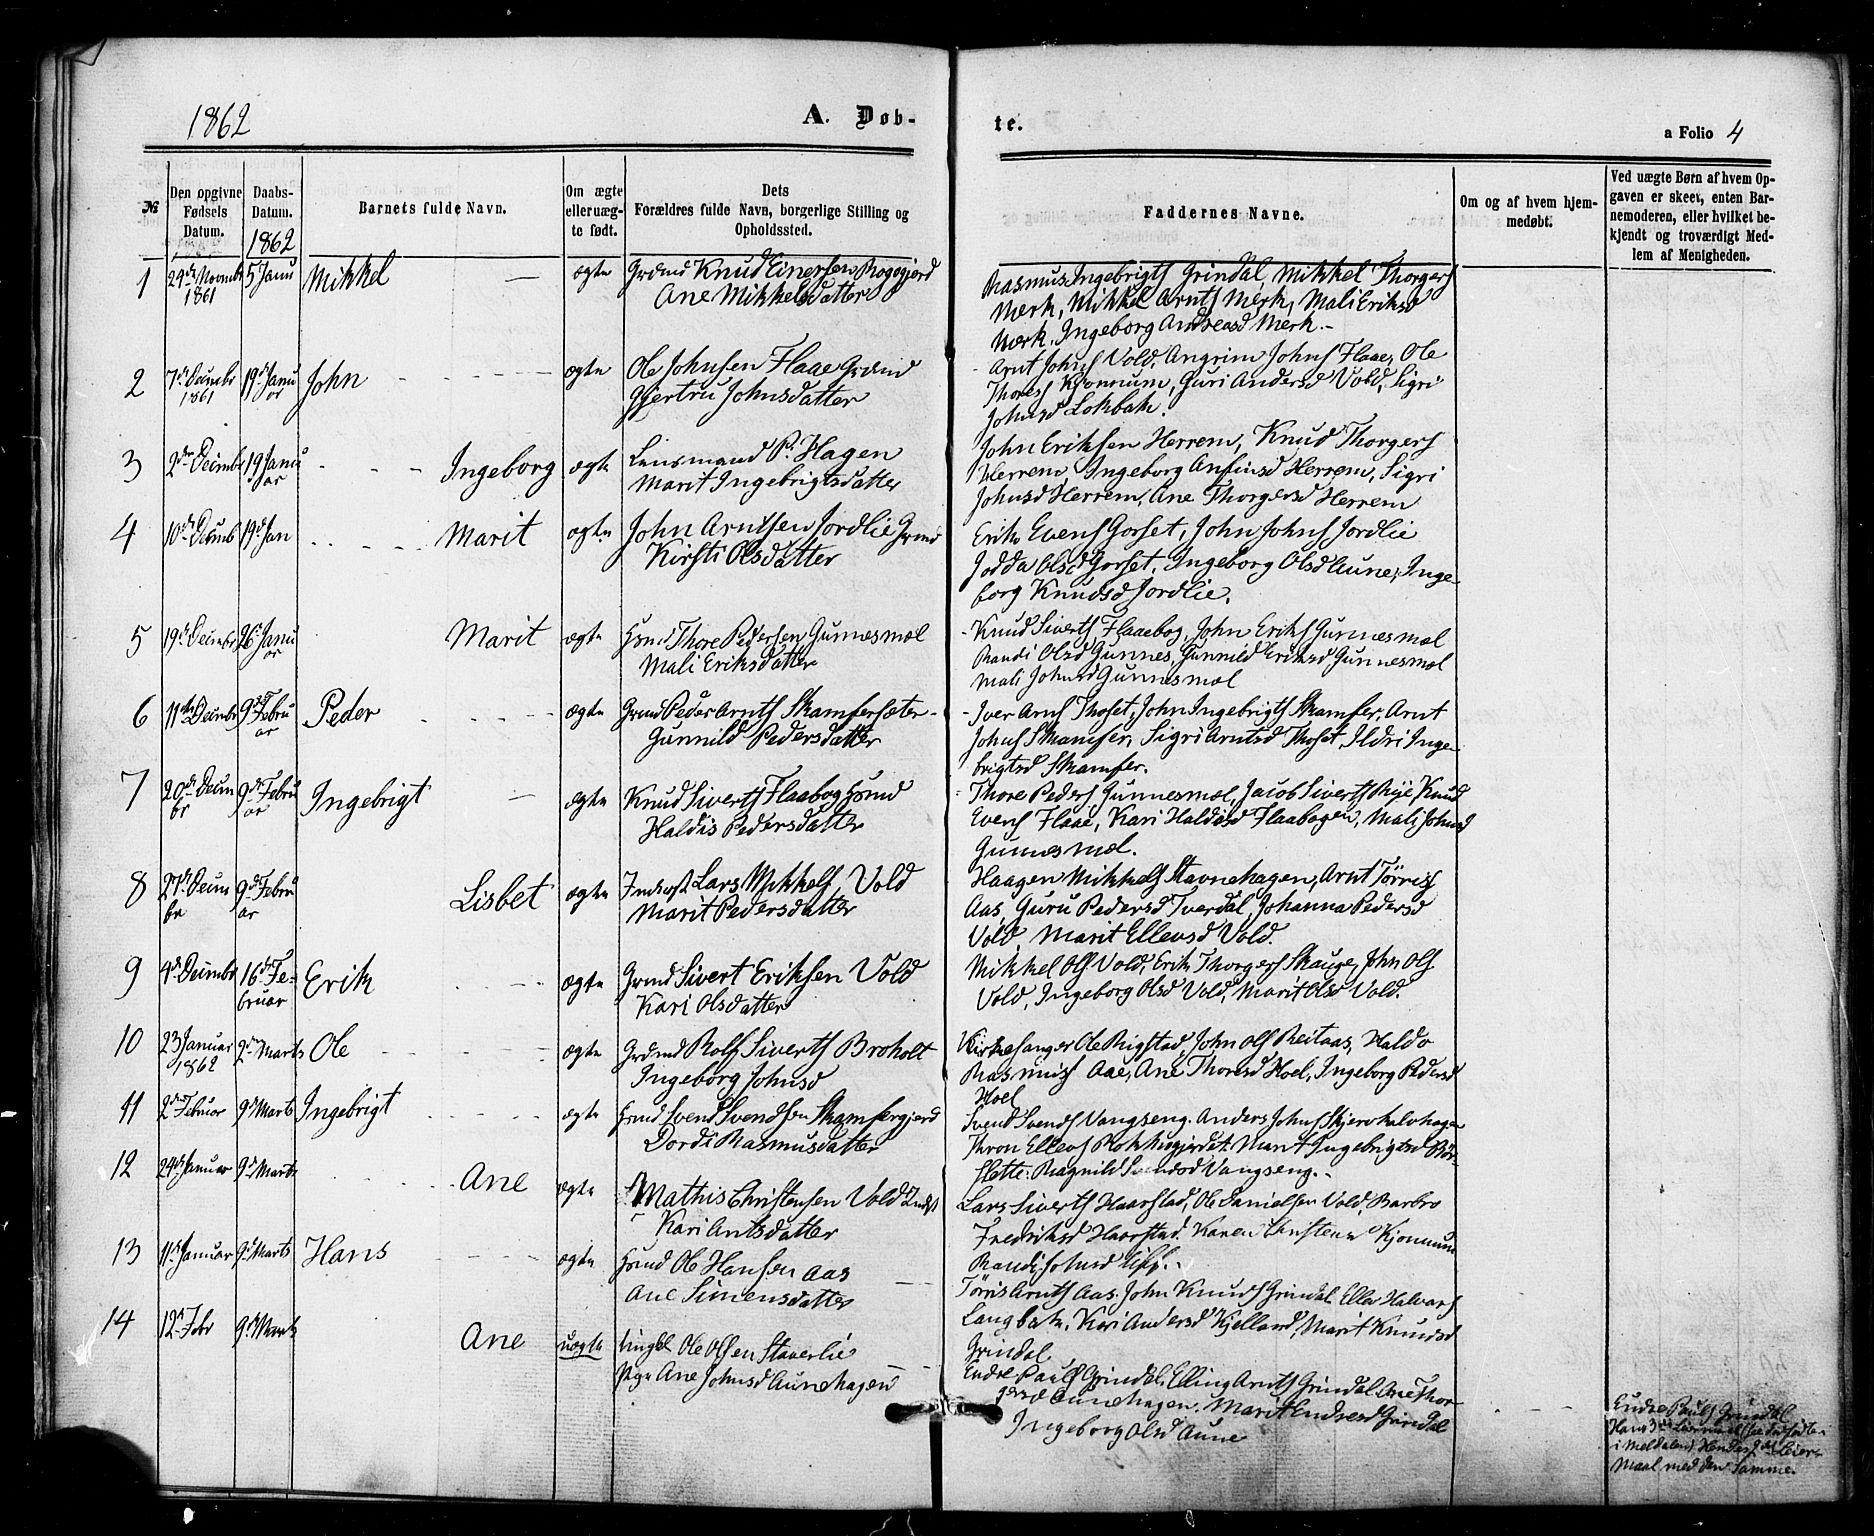 SAT, Ministerialprotokoller, klokkerbøker og fødselsregistre - Sør-Trøndelag, 674/L0870: Ministerialbok nr. 674A02, 1861-1879, s. 4